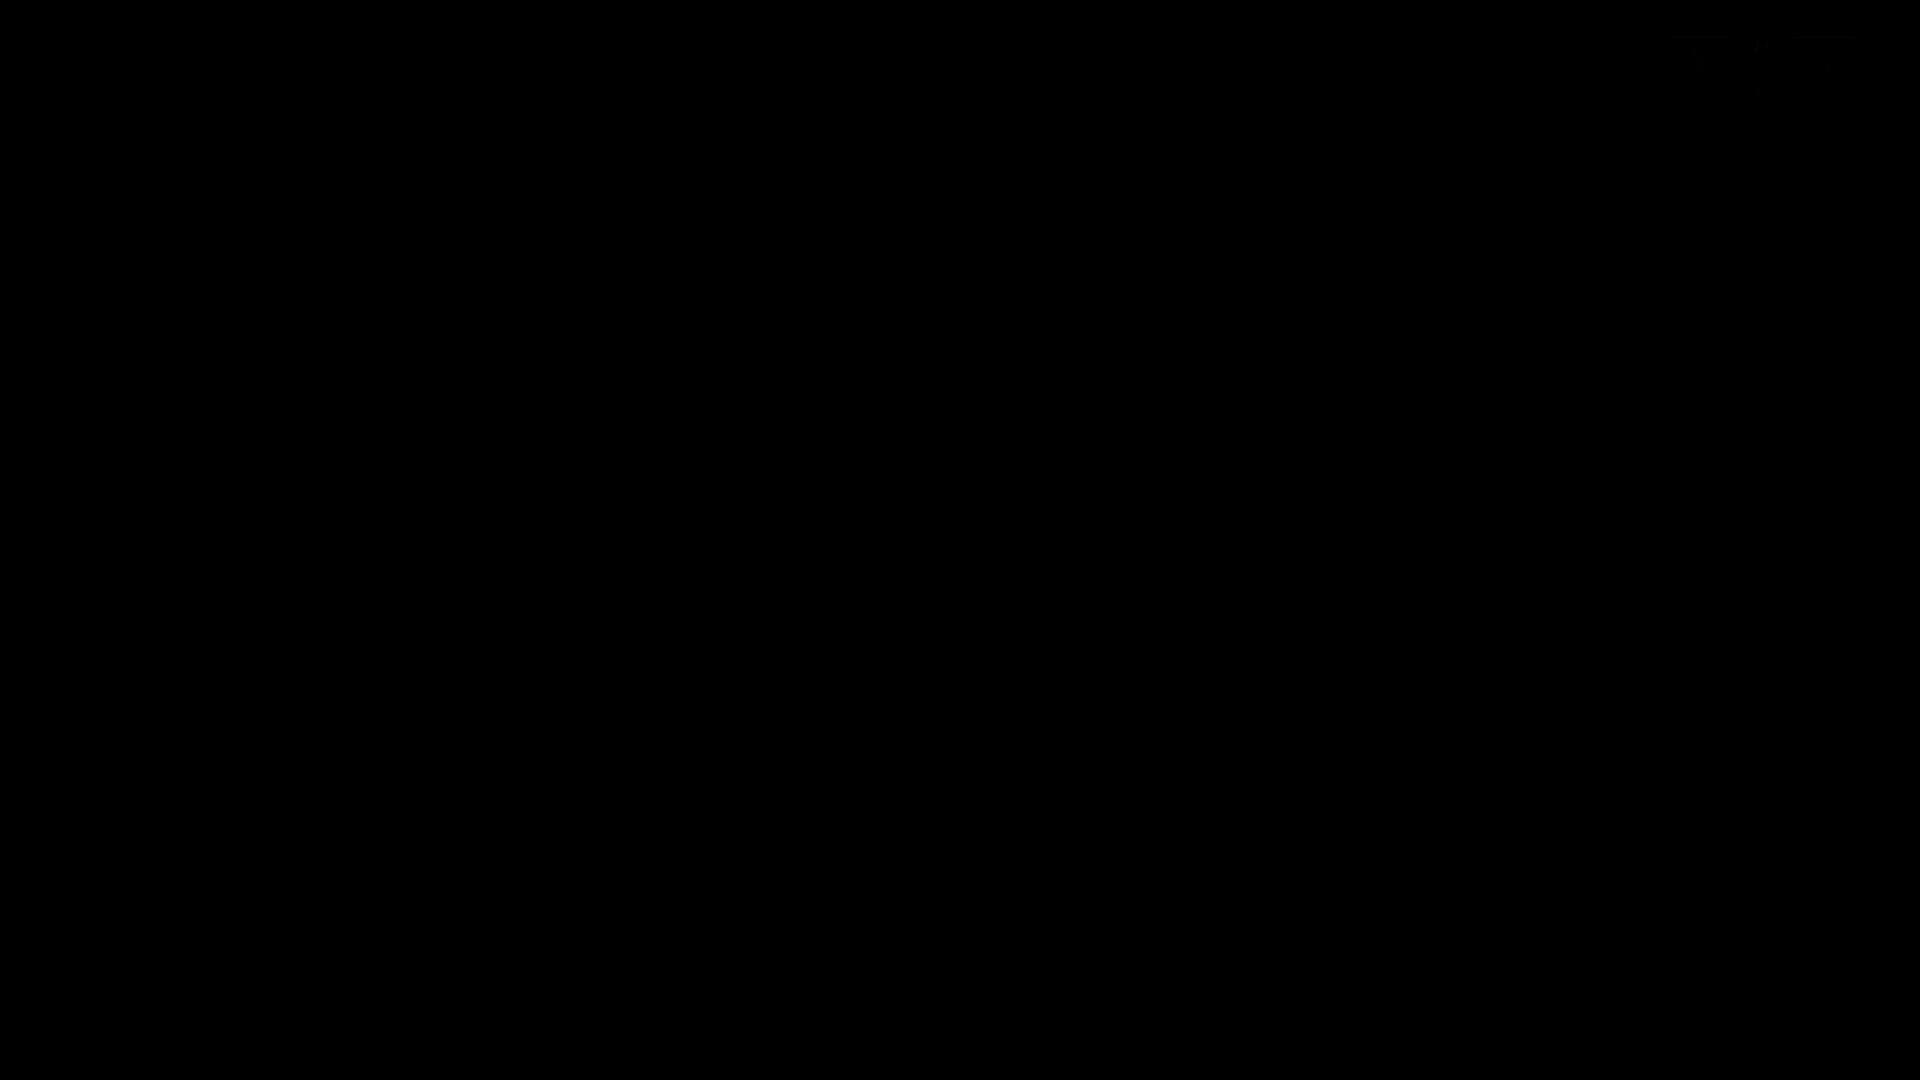 JD盗撮 美女の洗面所の秘密 Vol.53 盗撮エロすぎ | トイレ中  37連発 11